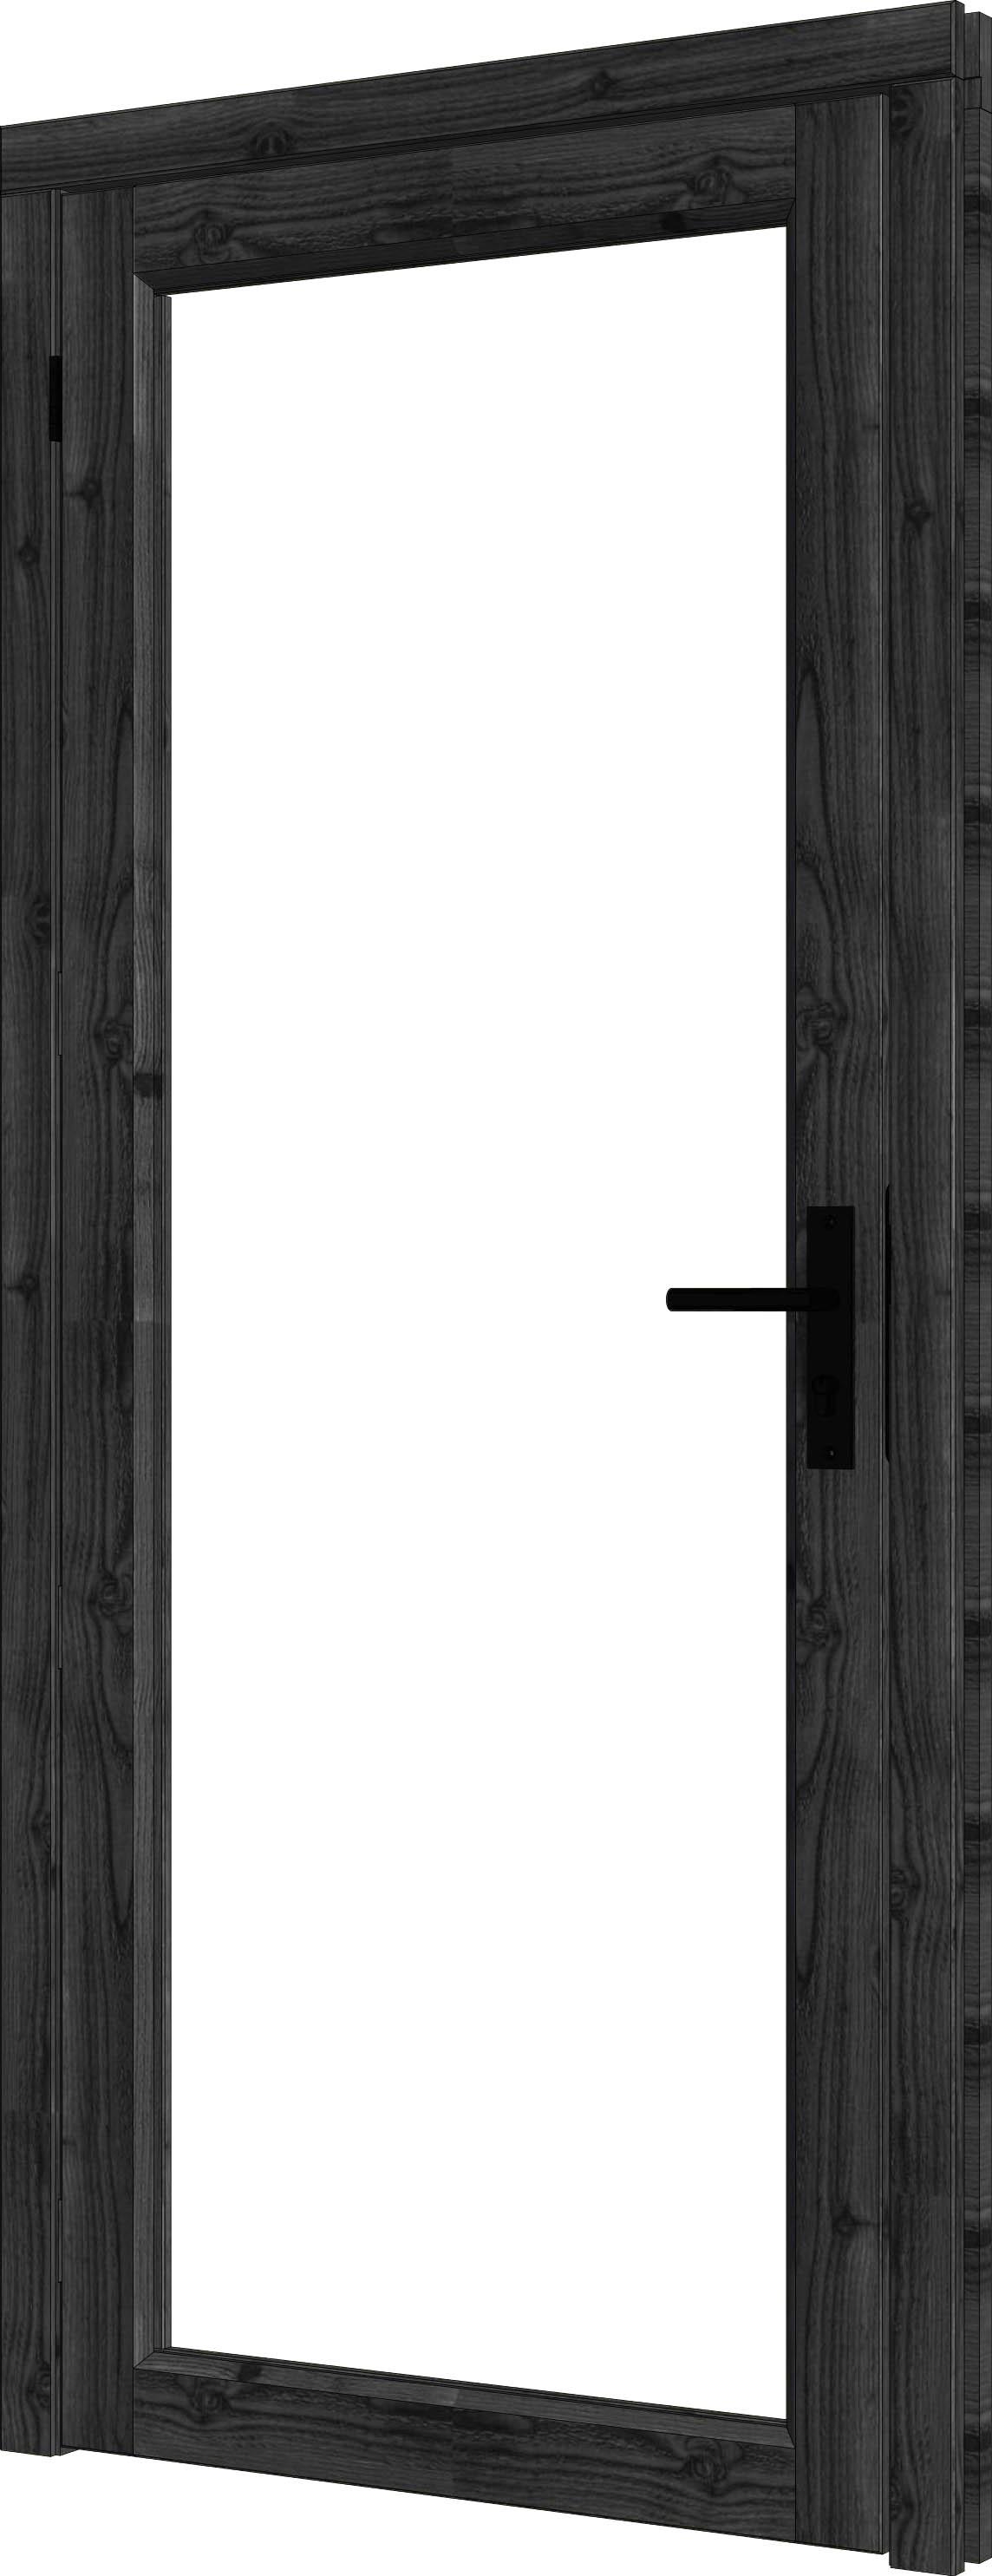 Trendhout | Steel Look Deur Enkel | U1 Linksdraaiend | 96,4 x 213,6 cm